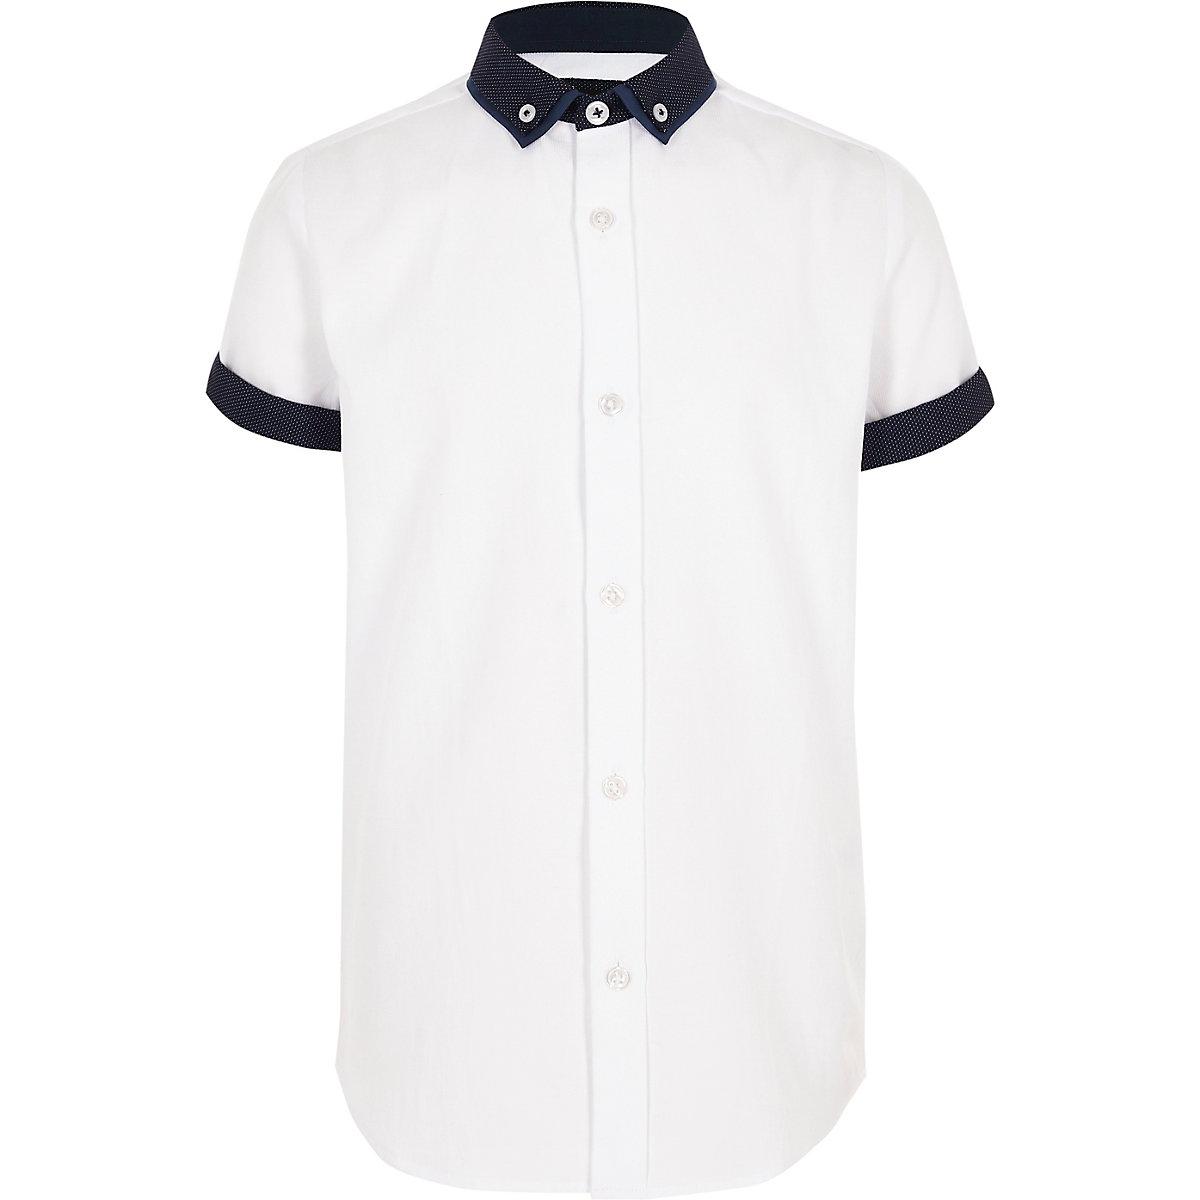 Boys white short sleeve smart shirt